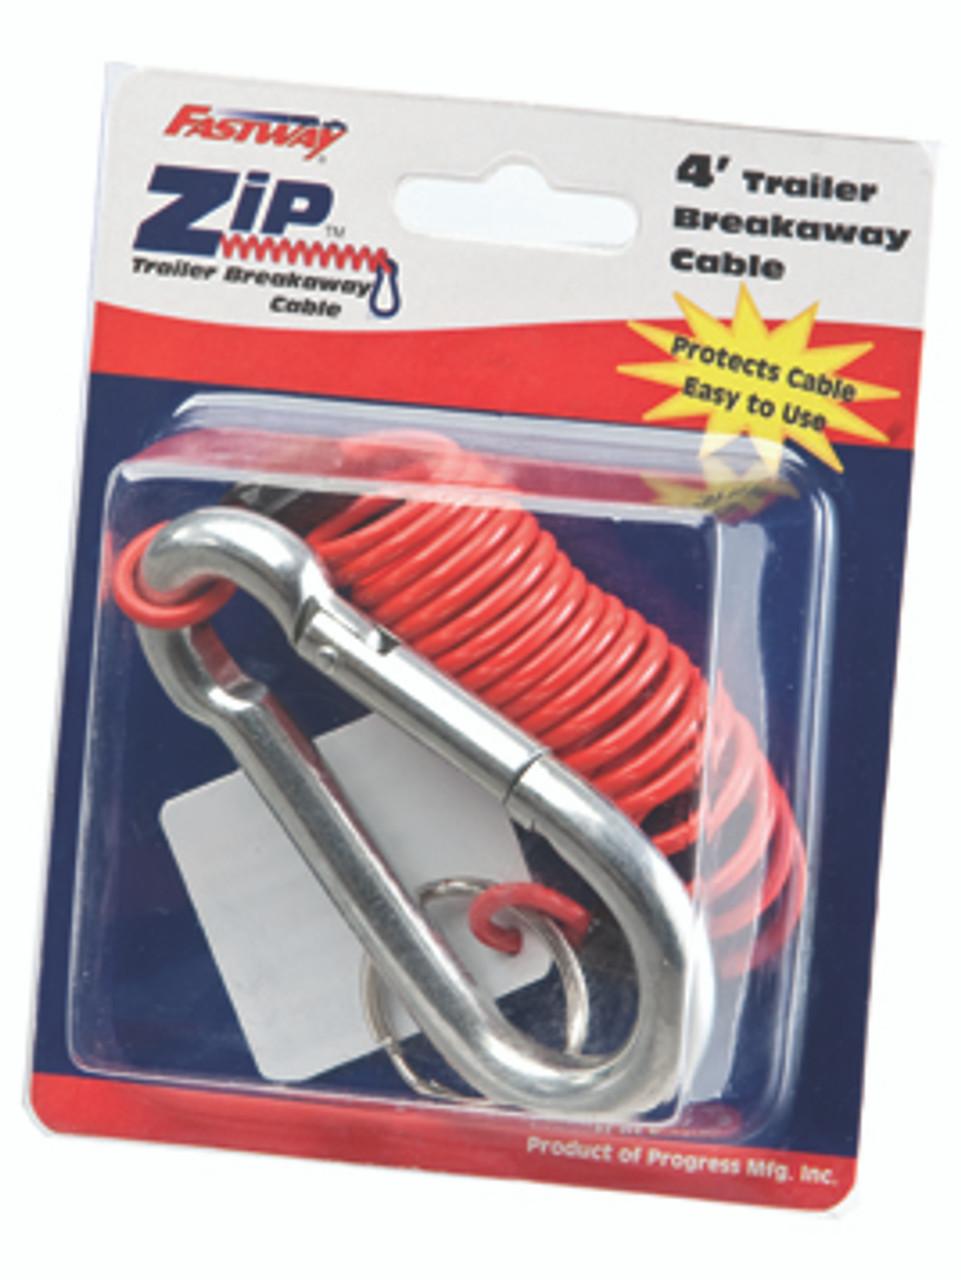 Z2140 --- Fastway  Zip  Breakaway Cable - 4'